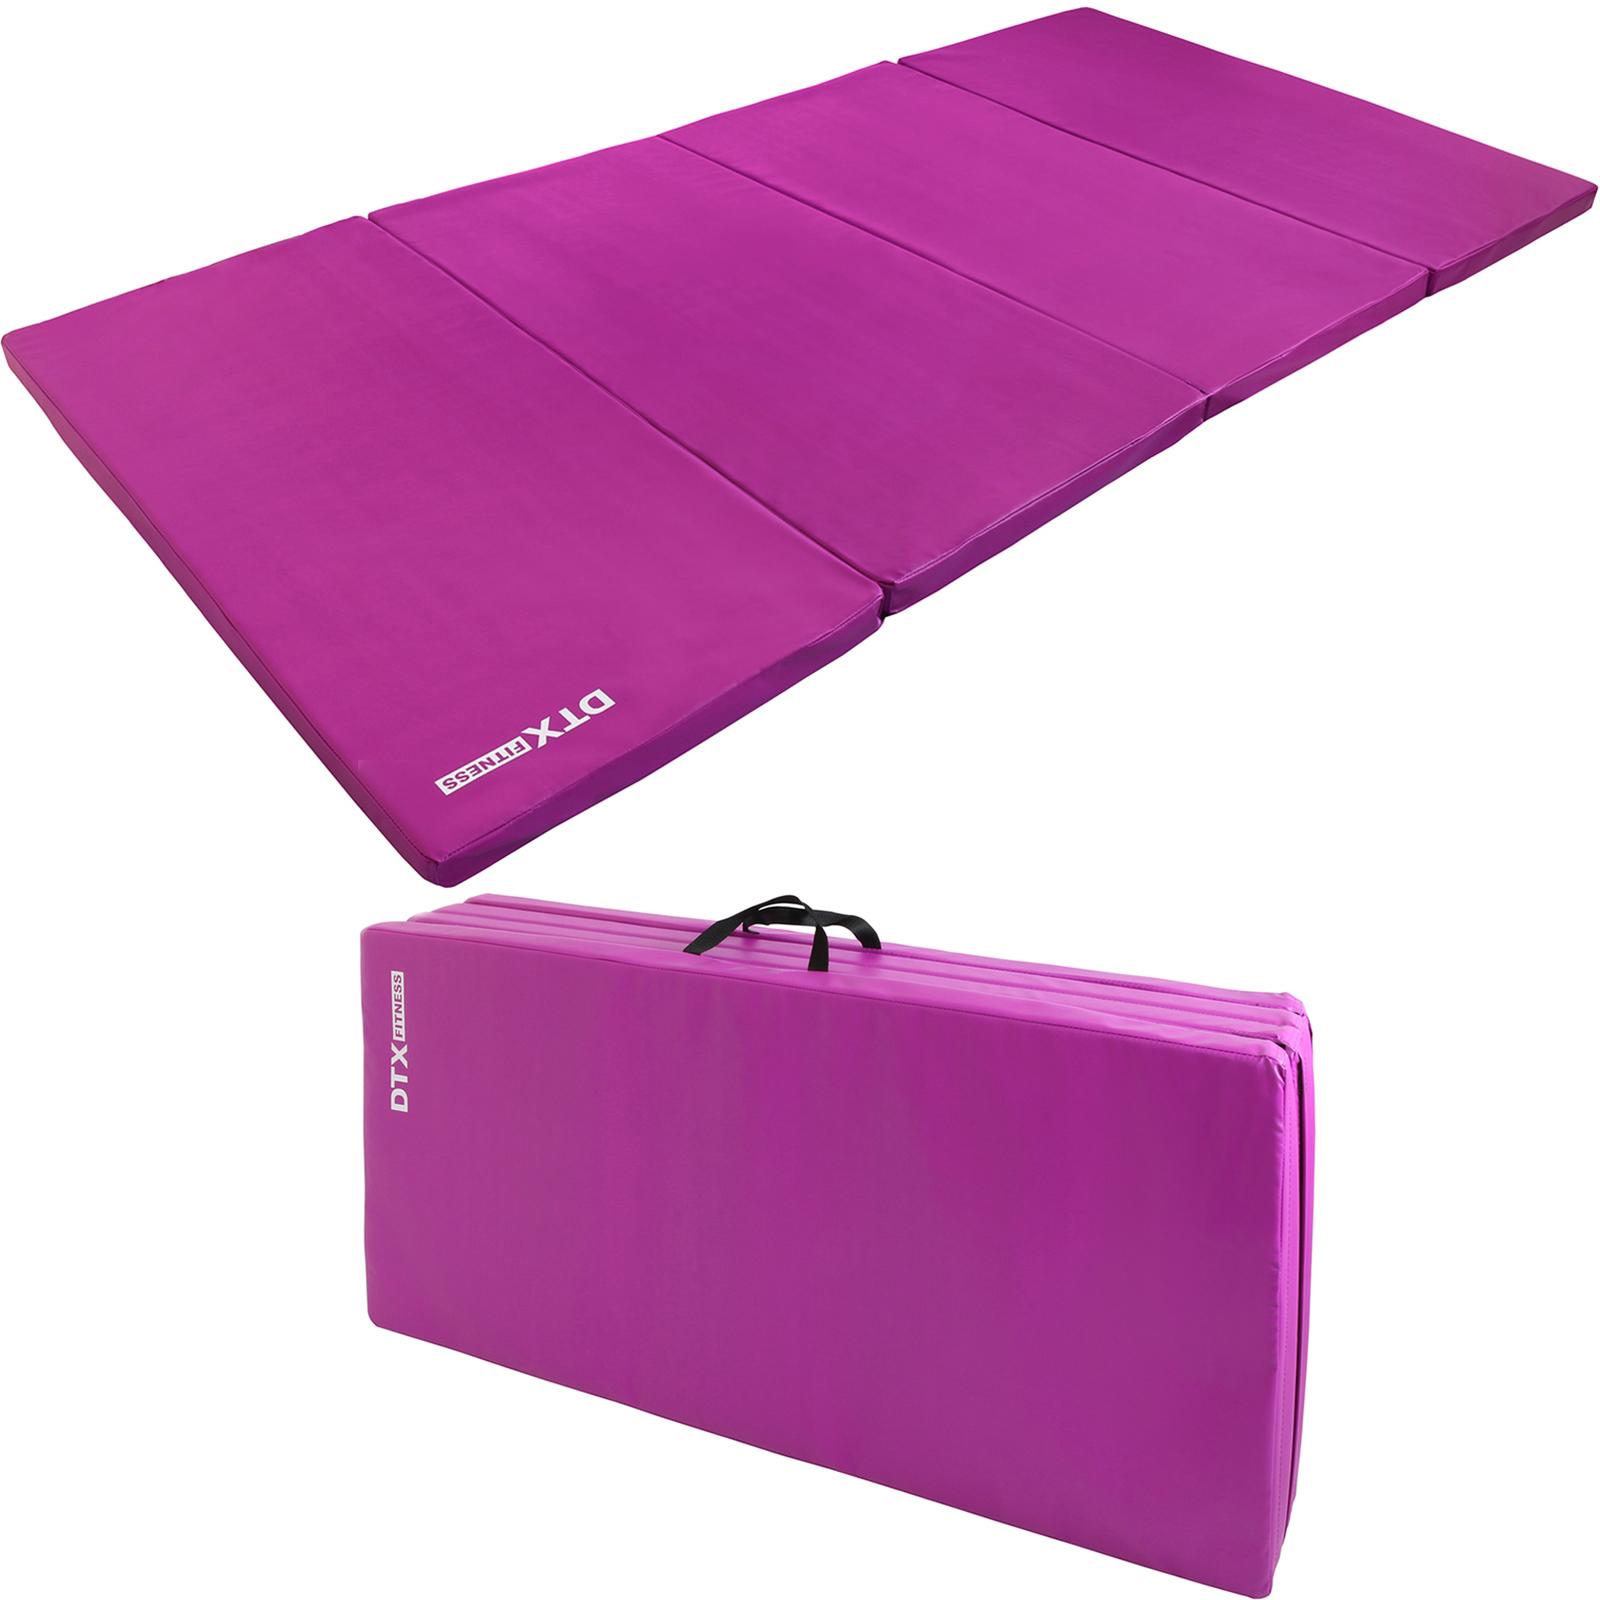 Dtx Fitness Purple Folding Large Exercise Floor Mat Yoga Pilate